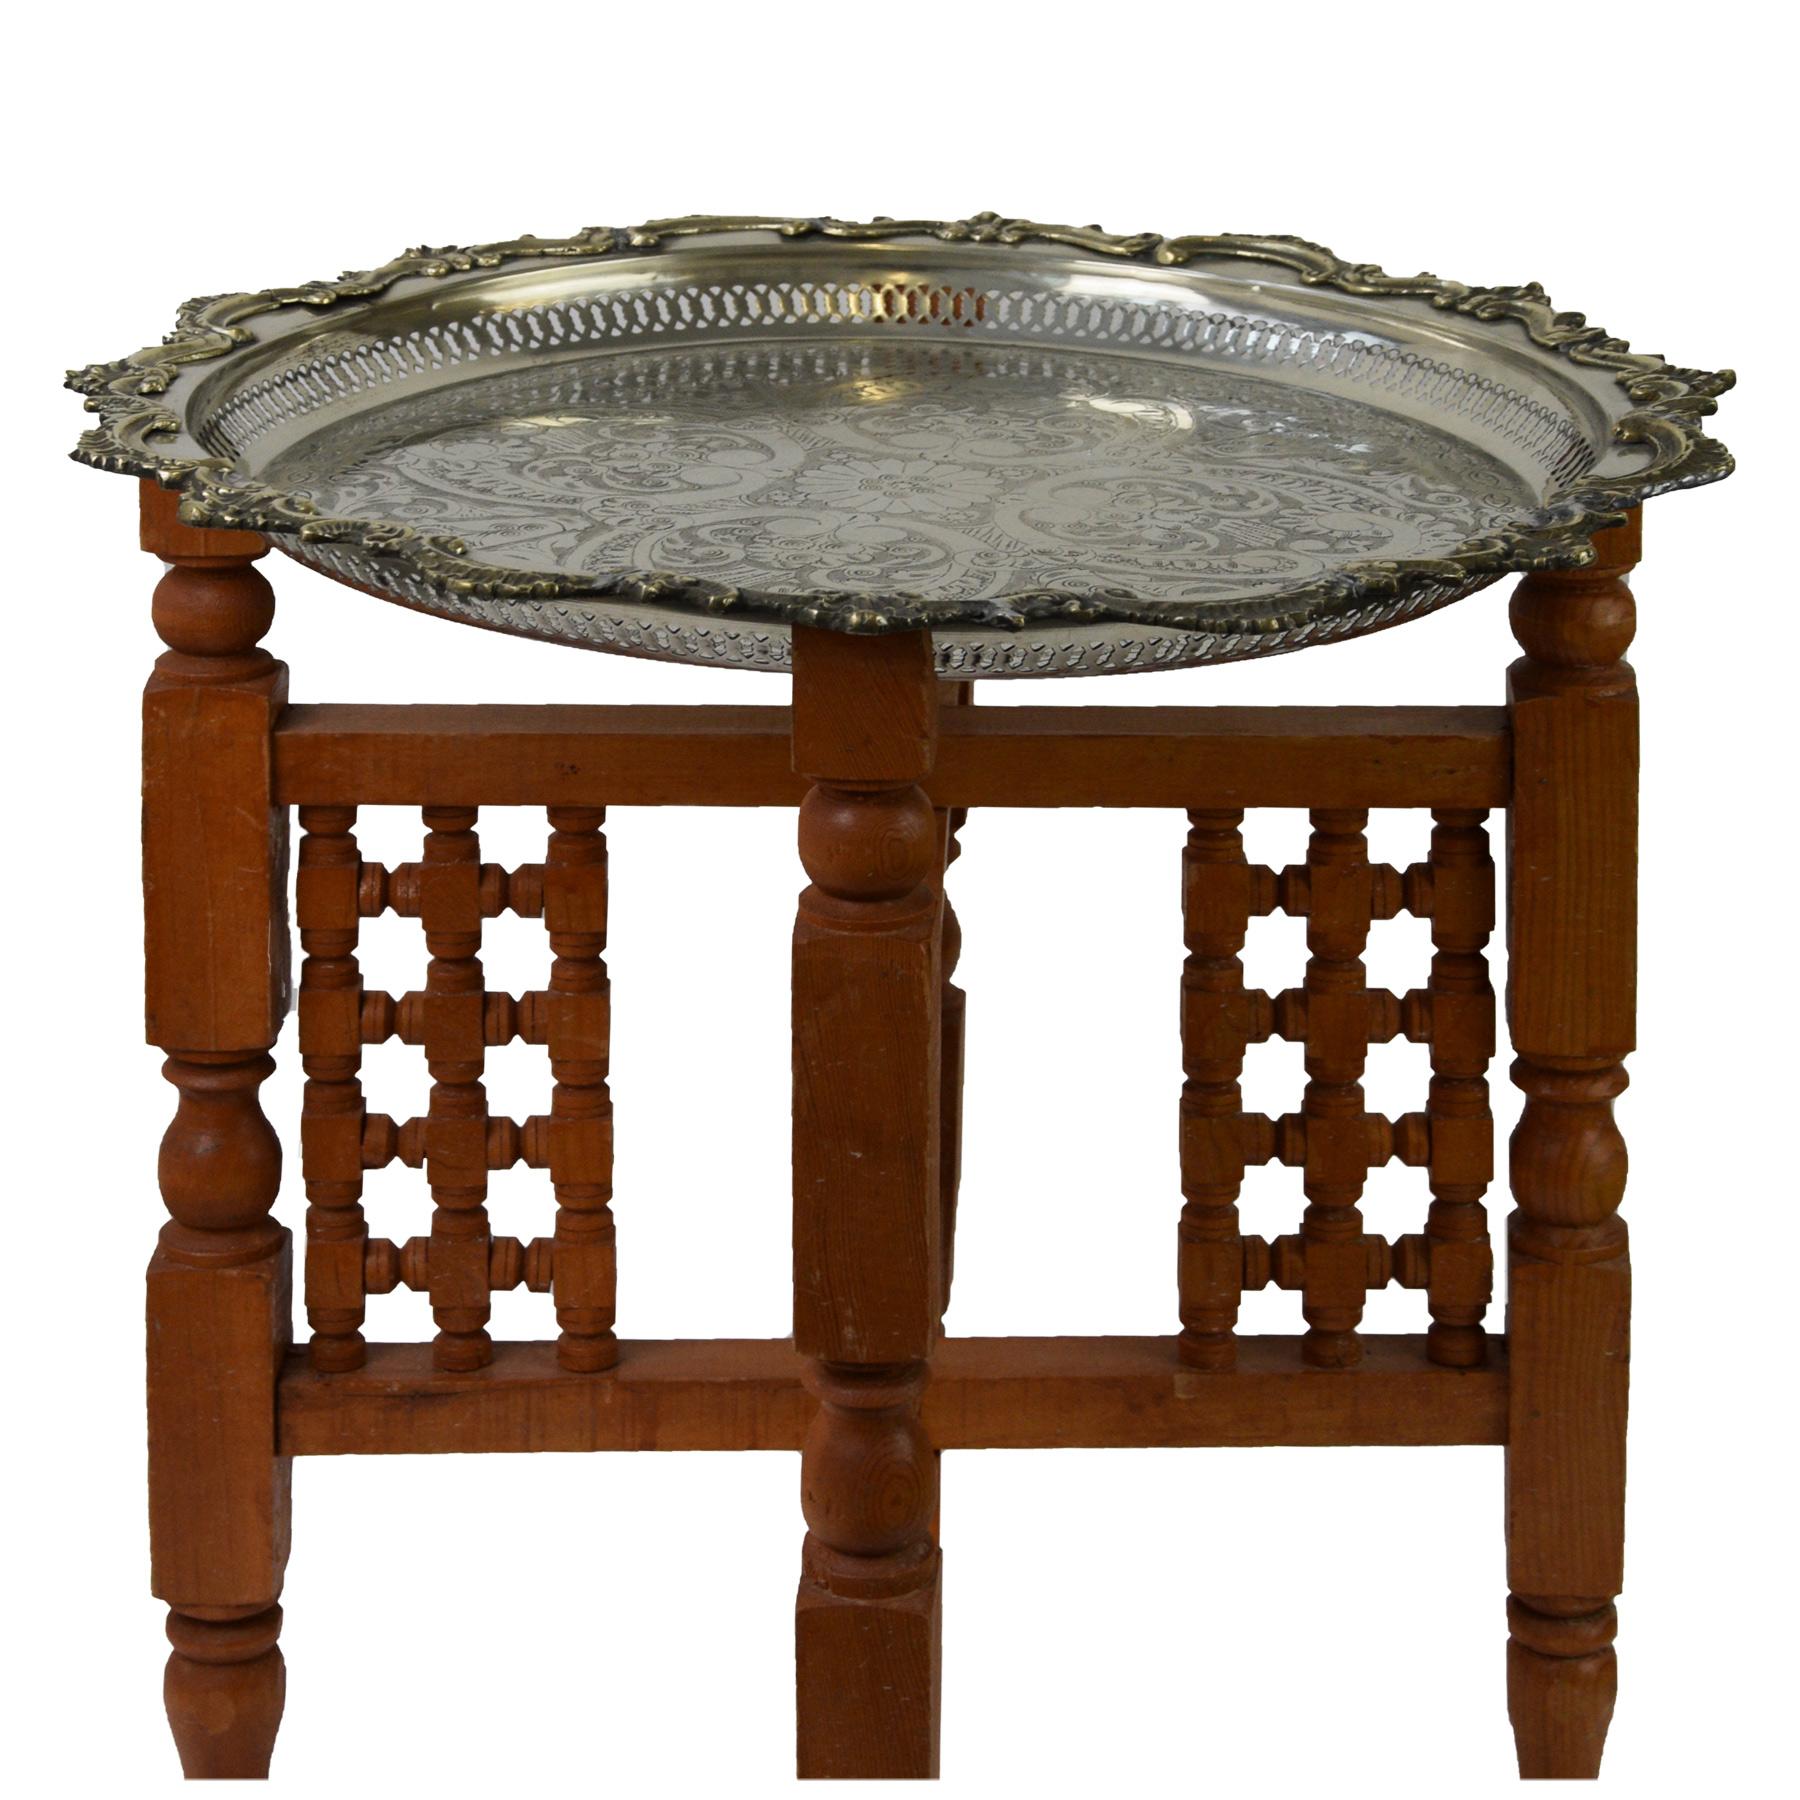 Holzgestell für Tablett Gestell Untergestell für marokkanisches Silbertablett